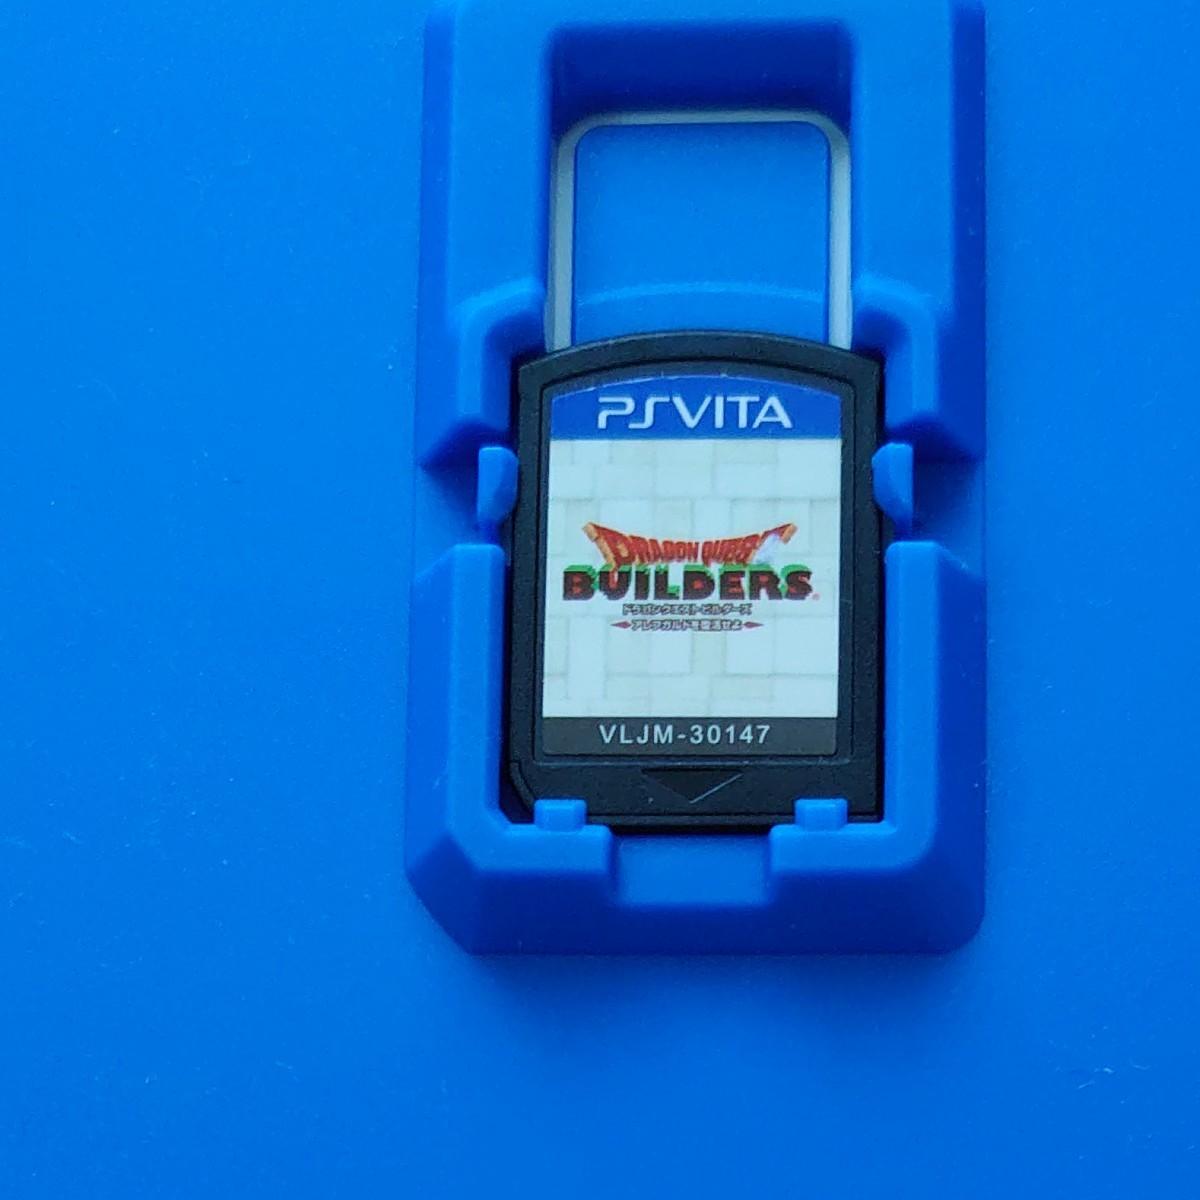 PS Vita ドラゴンクエストビルダーズアレフガルドを復活せよ ドラゴンクエストビルダーズ ドラクエビルダーズ アレフガルド